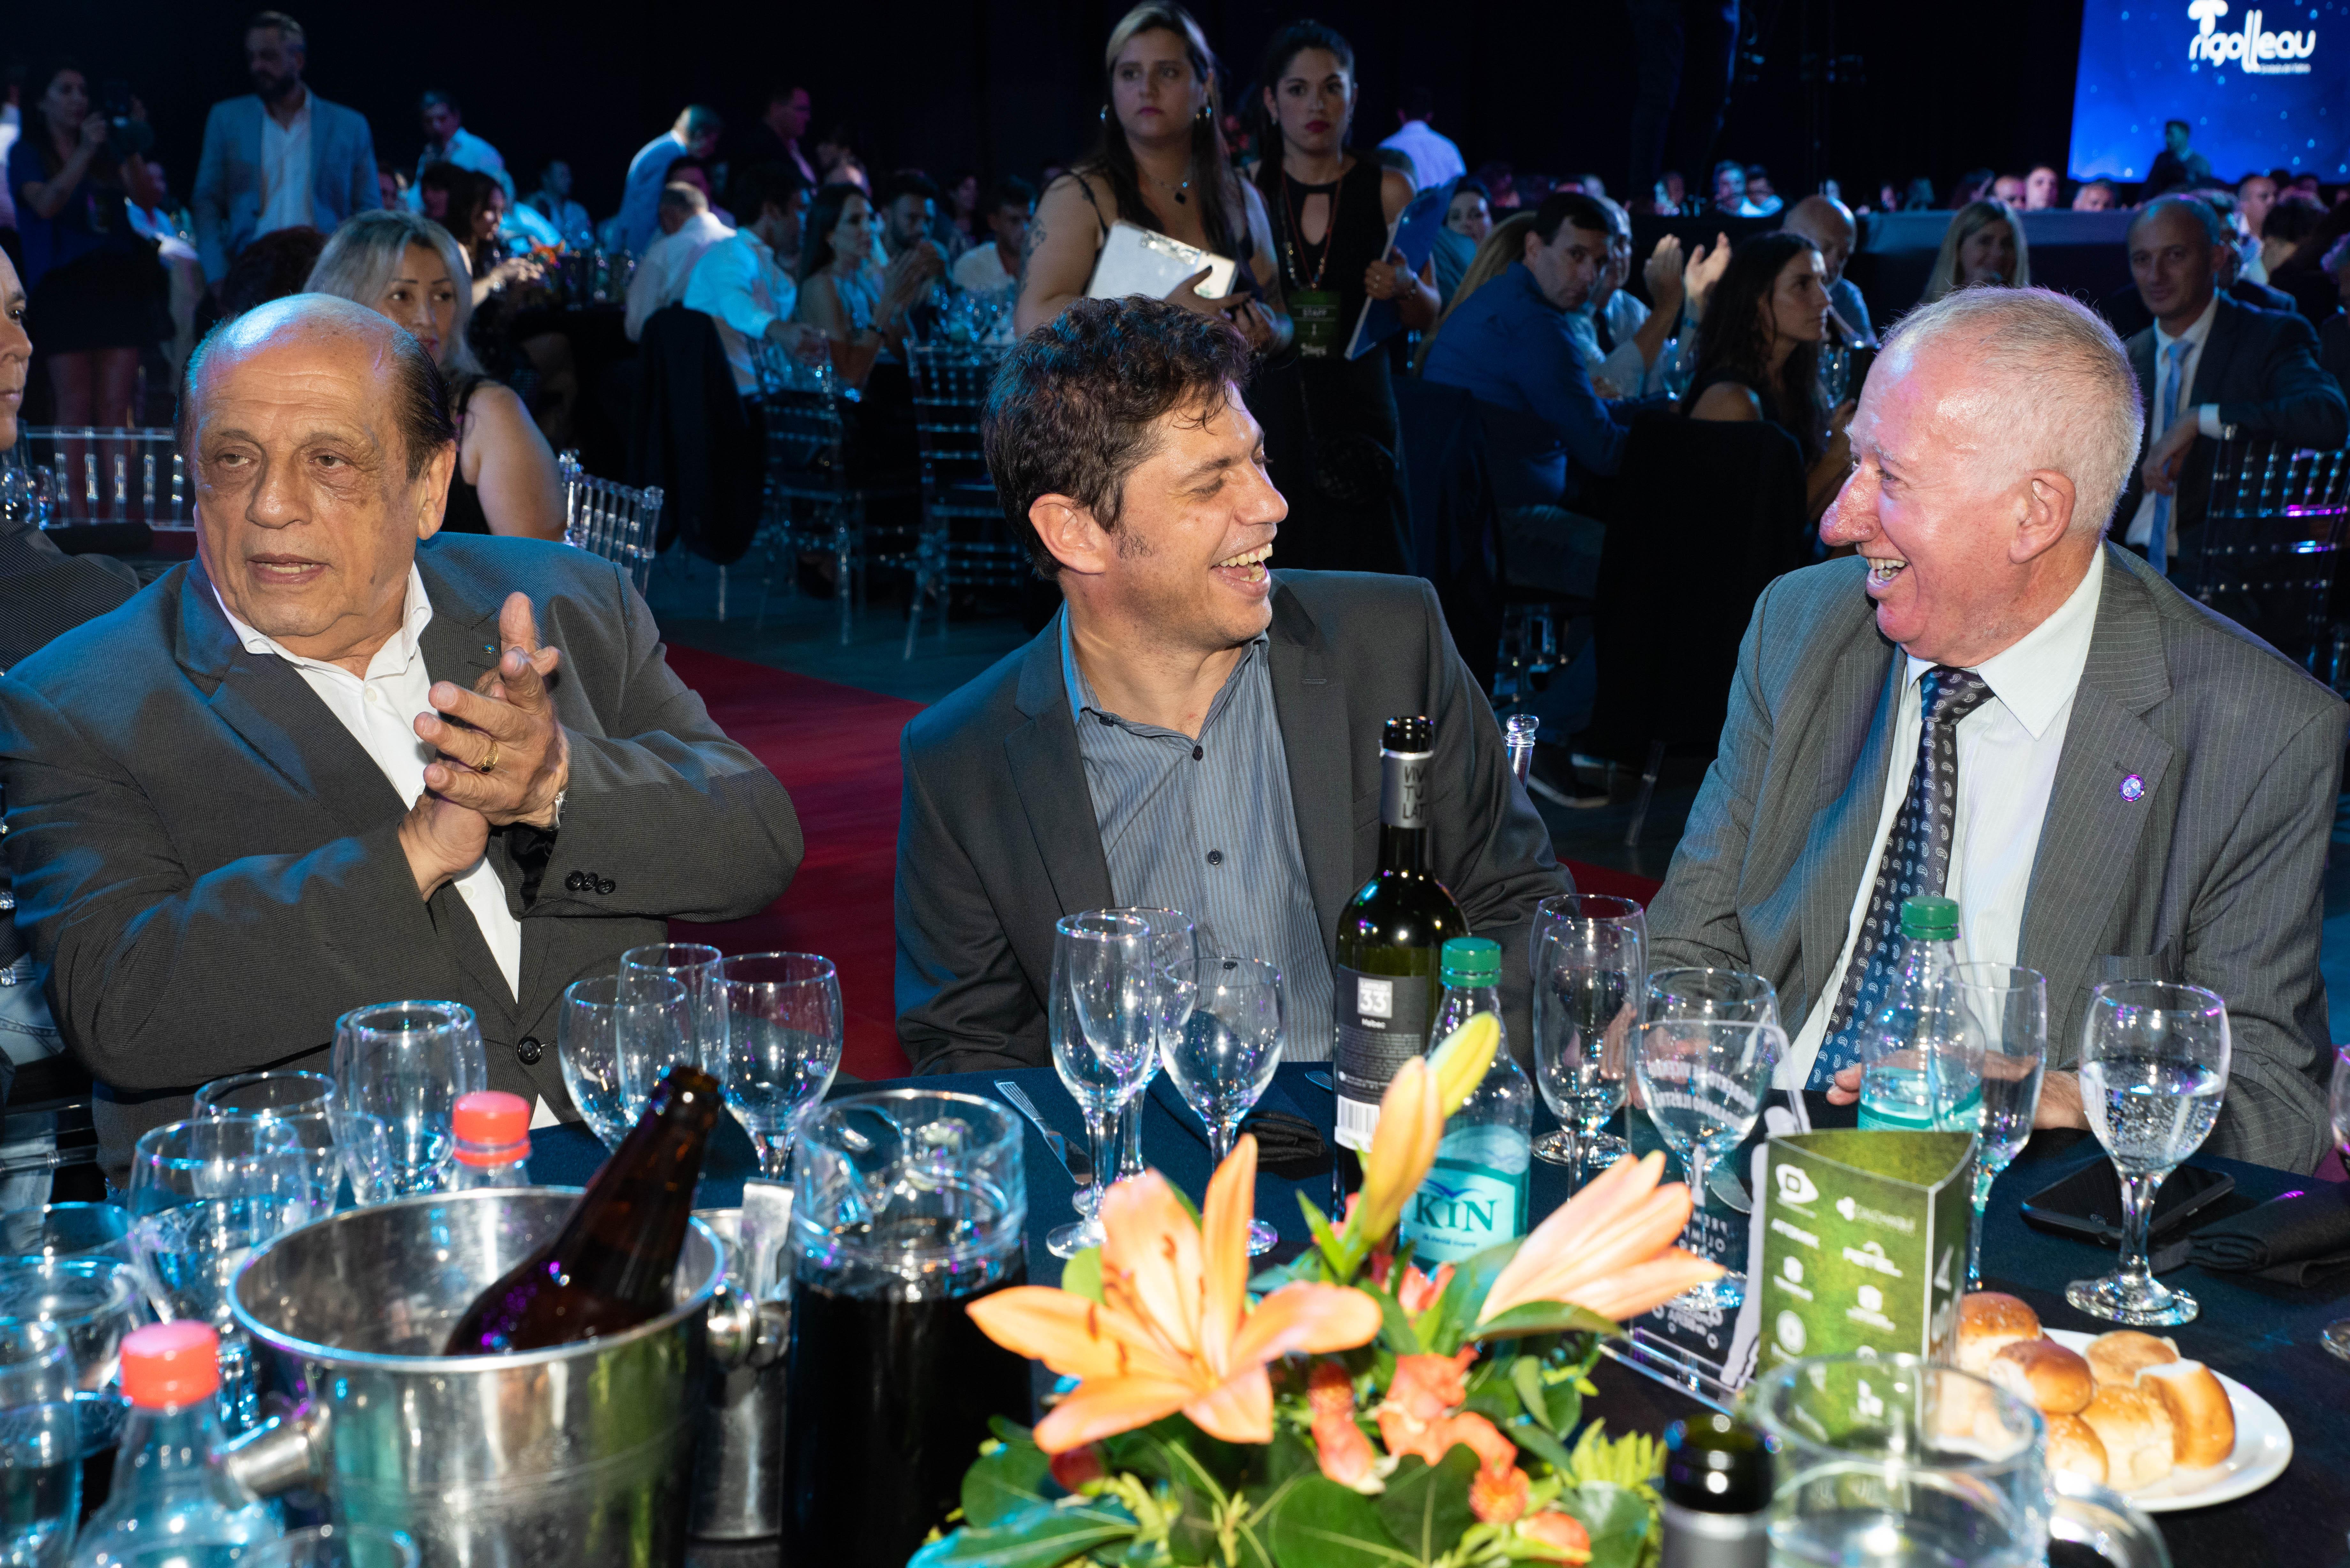 Juan José Mussi, intendente de Berazategui, compartió la mesa con Axel Kicillof, el flamante gobernador de la Provincia de Buenos Aires, y Aldo Juncal, presidente del Círculo de Periodistas Deportivos.